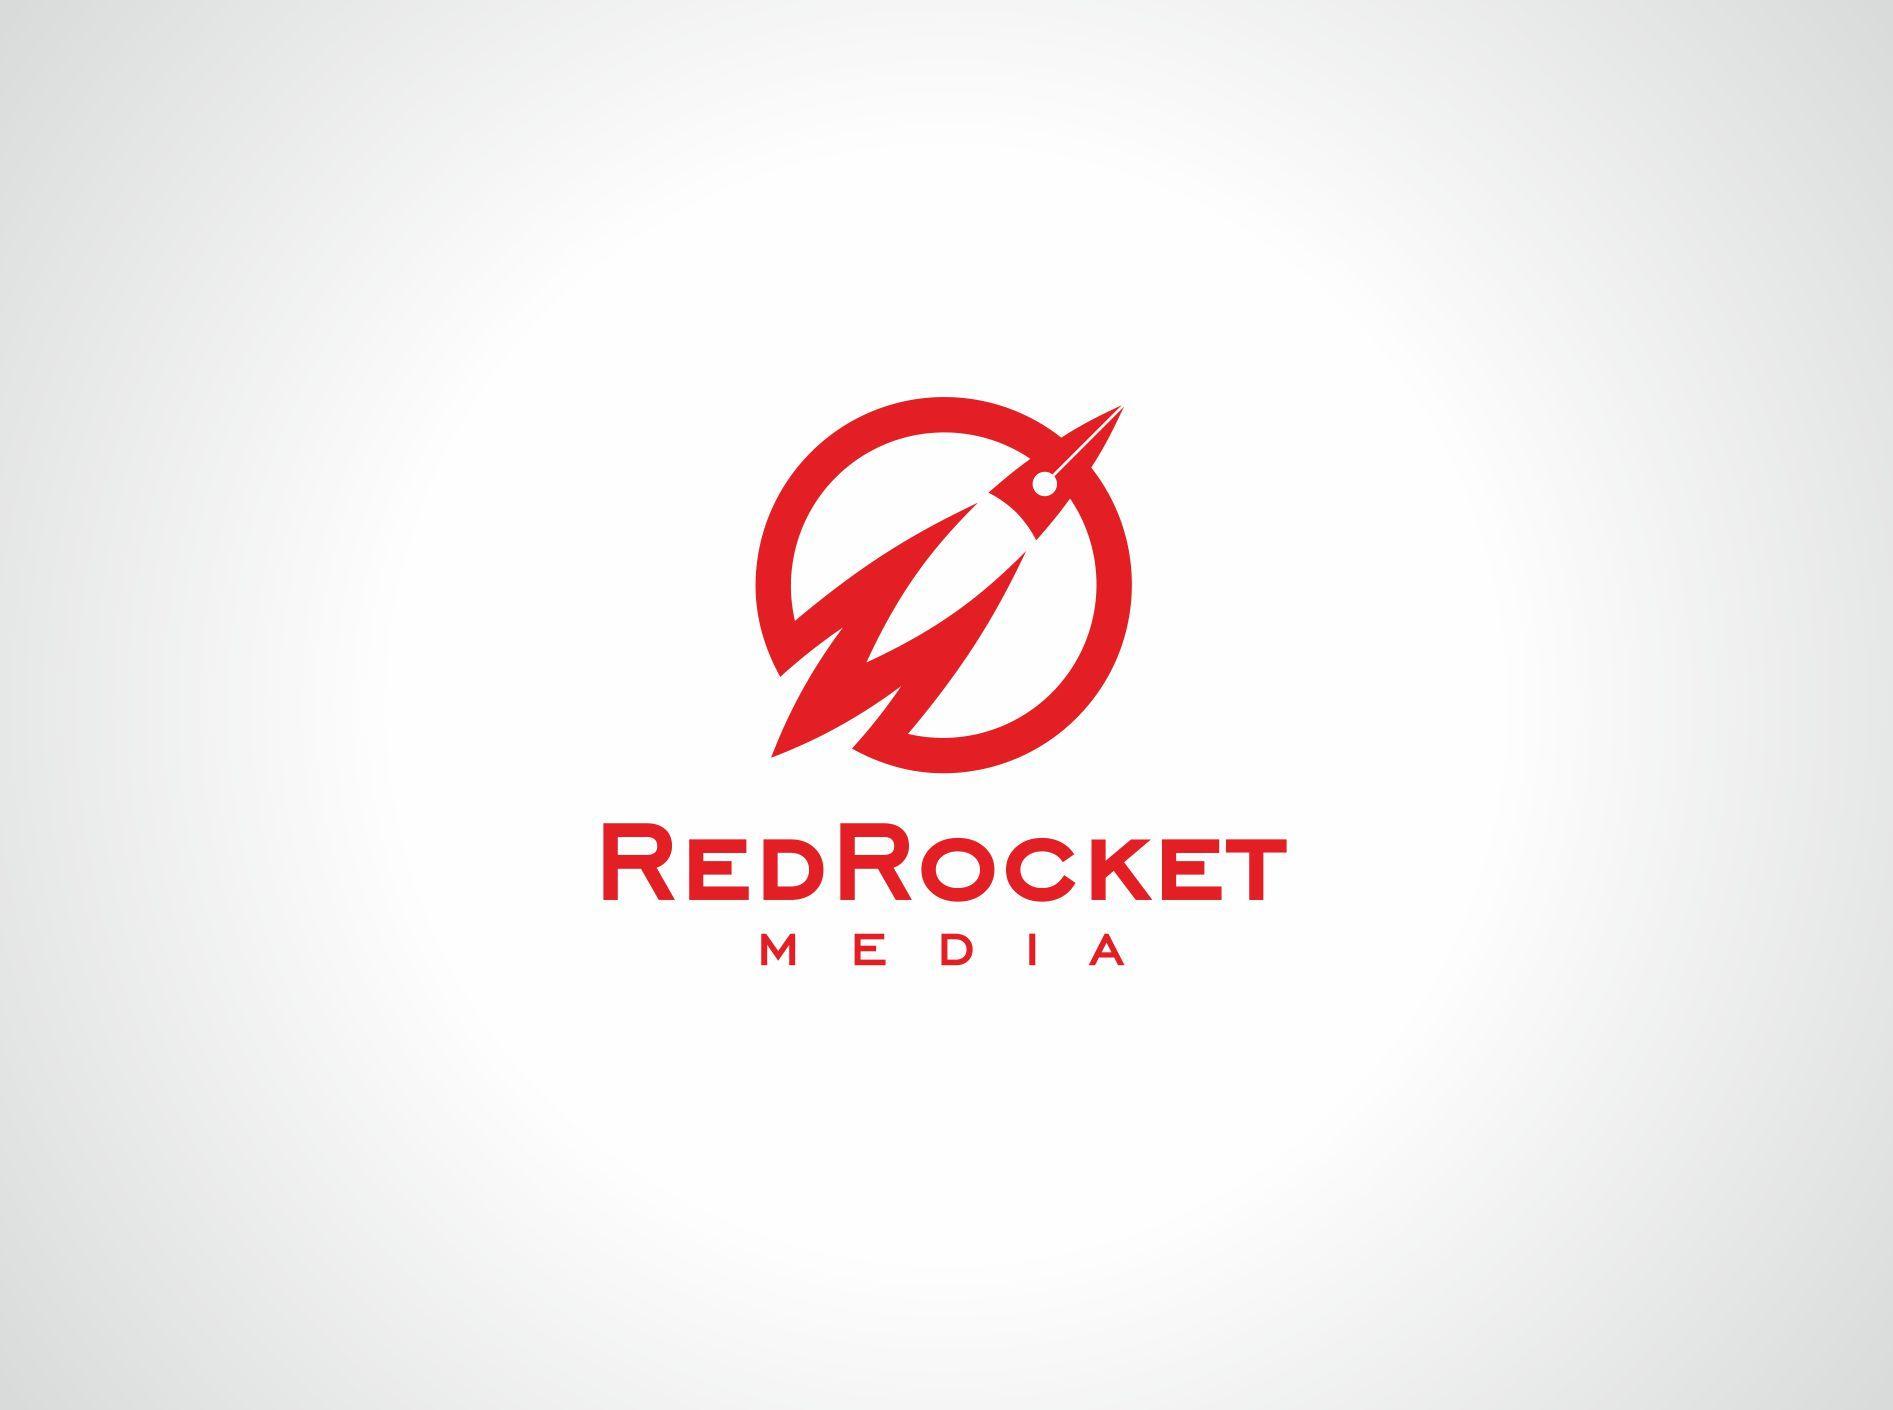 Лого и фирменный стиль для RedRocketMedia - дизайнер GAMAIUN